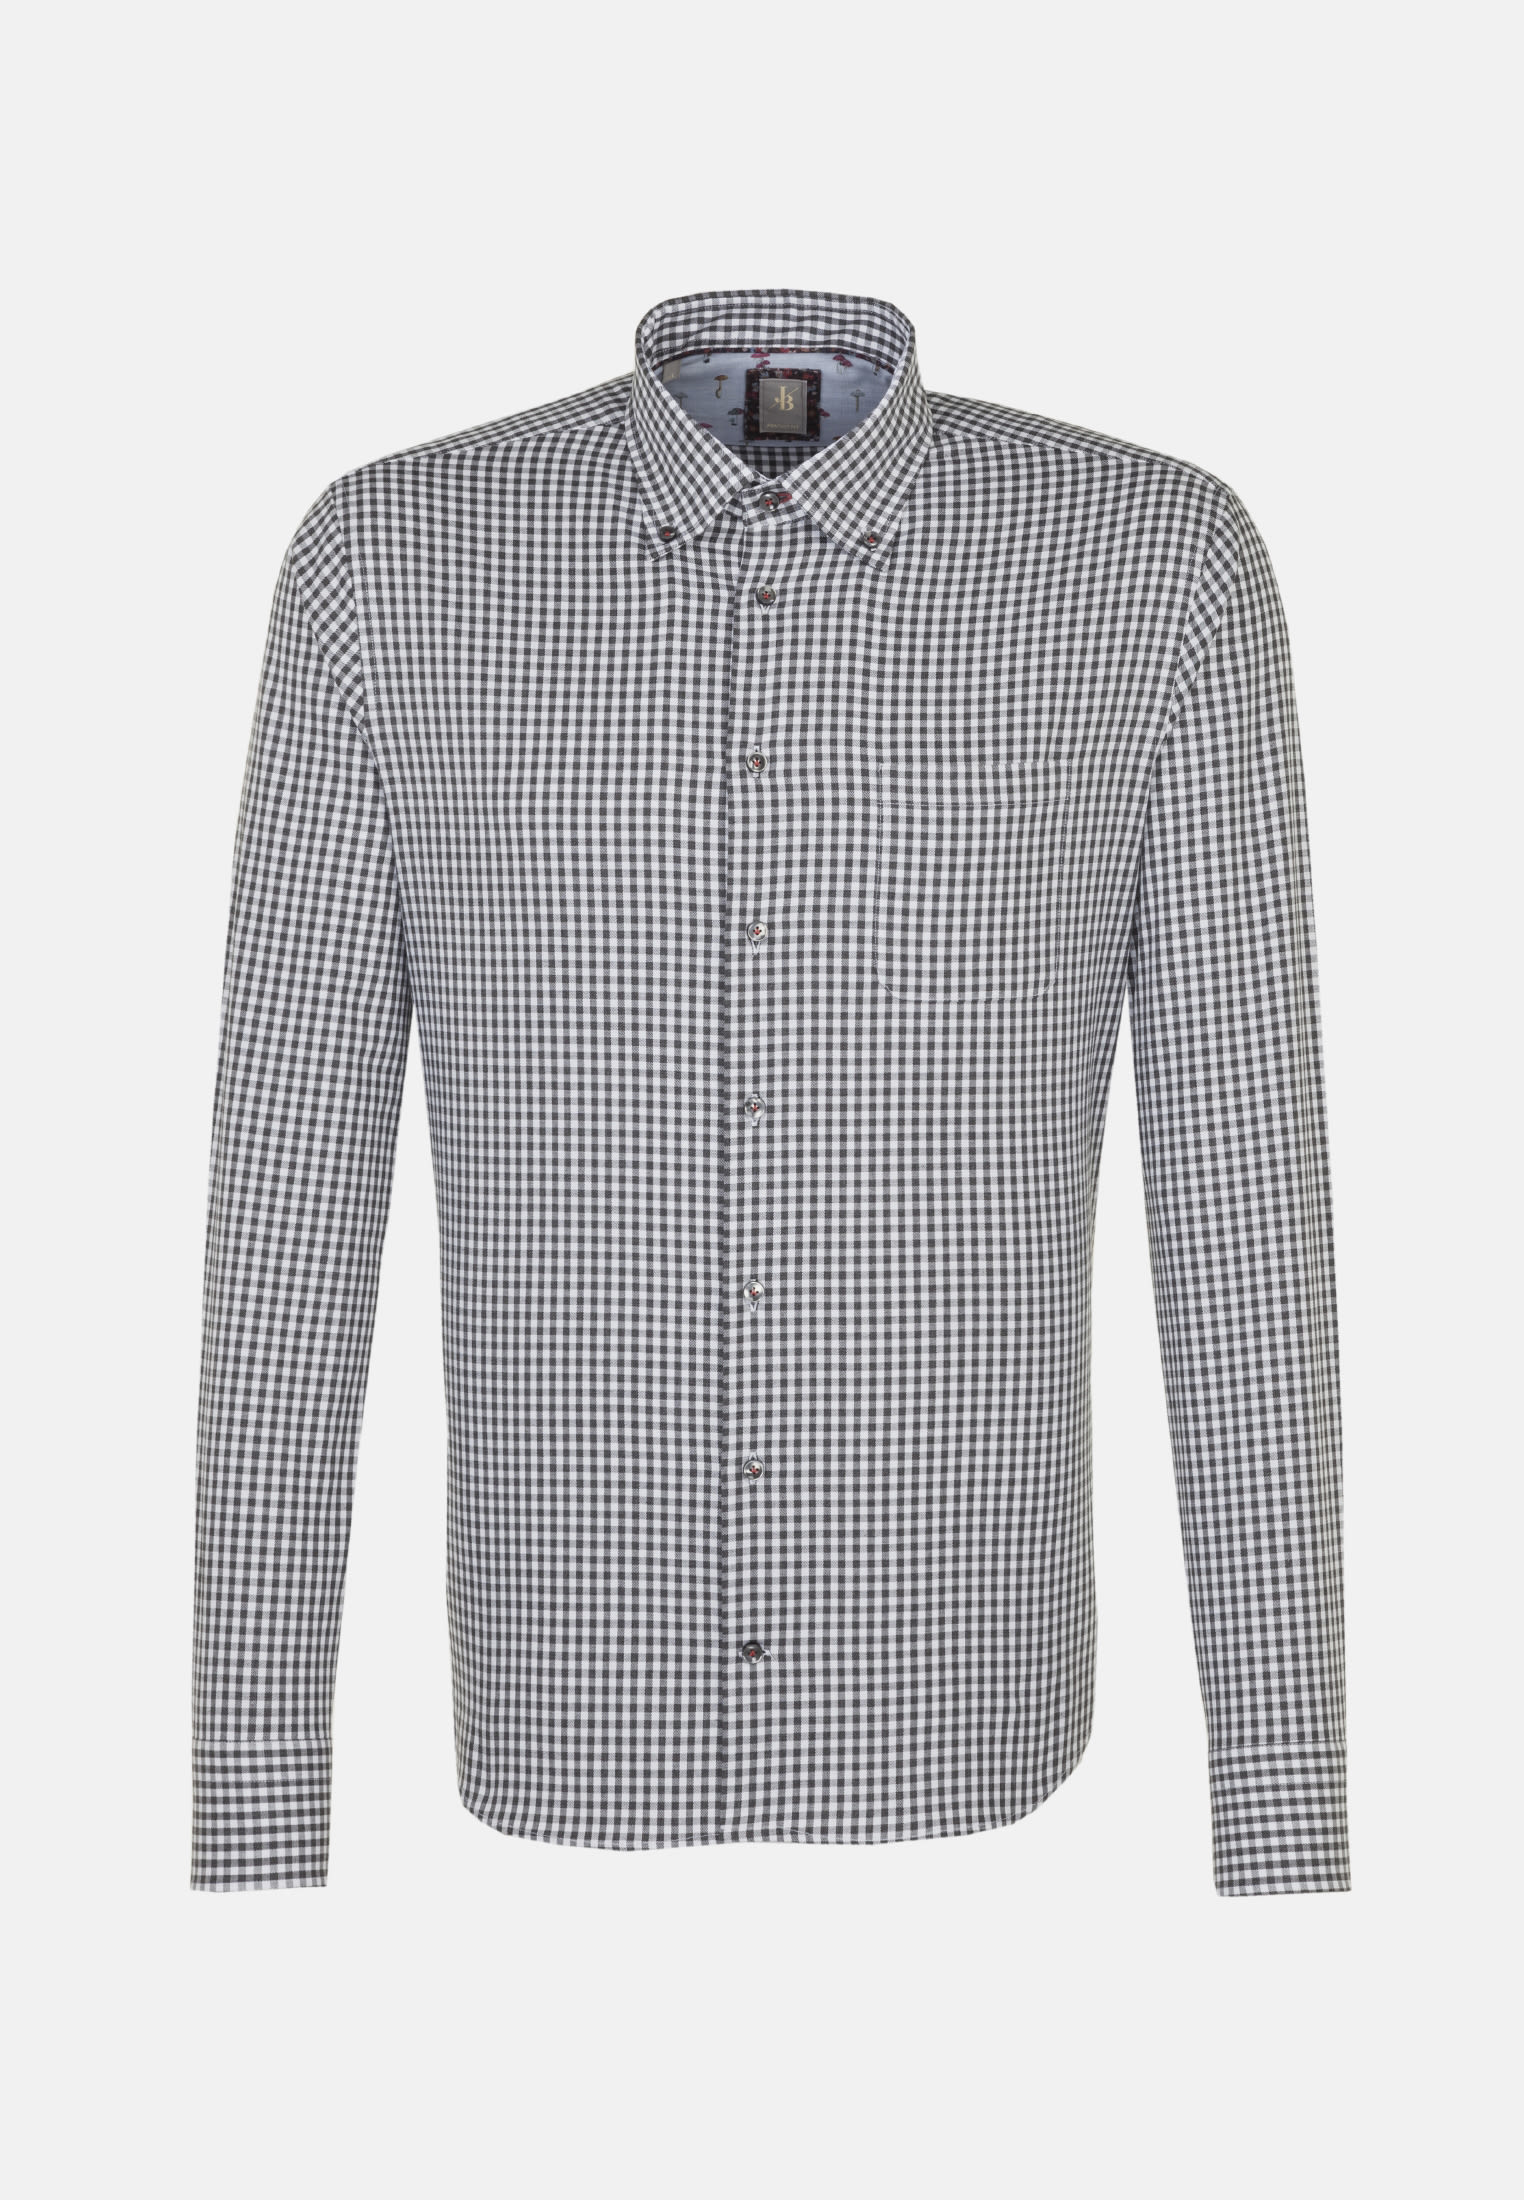 Melange Garne Smart Casual Hemd in Perfect Fit mit Button-Down-Kragen in Grau    Jacques Britt Onlineshop